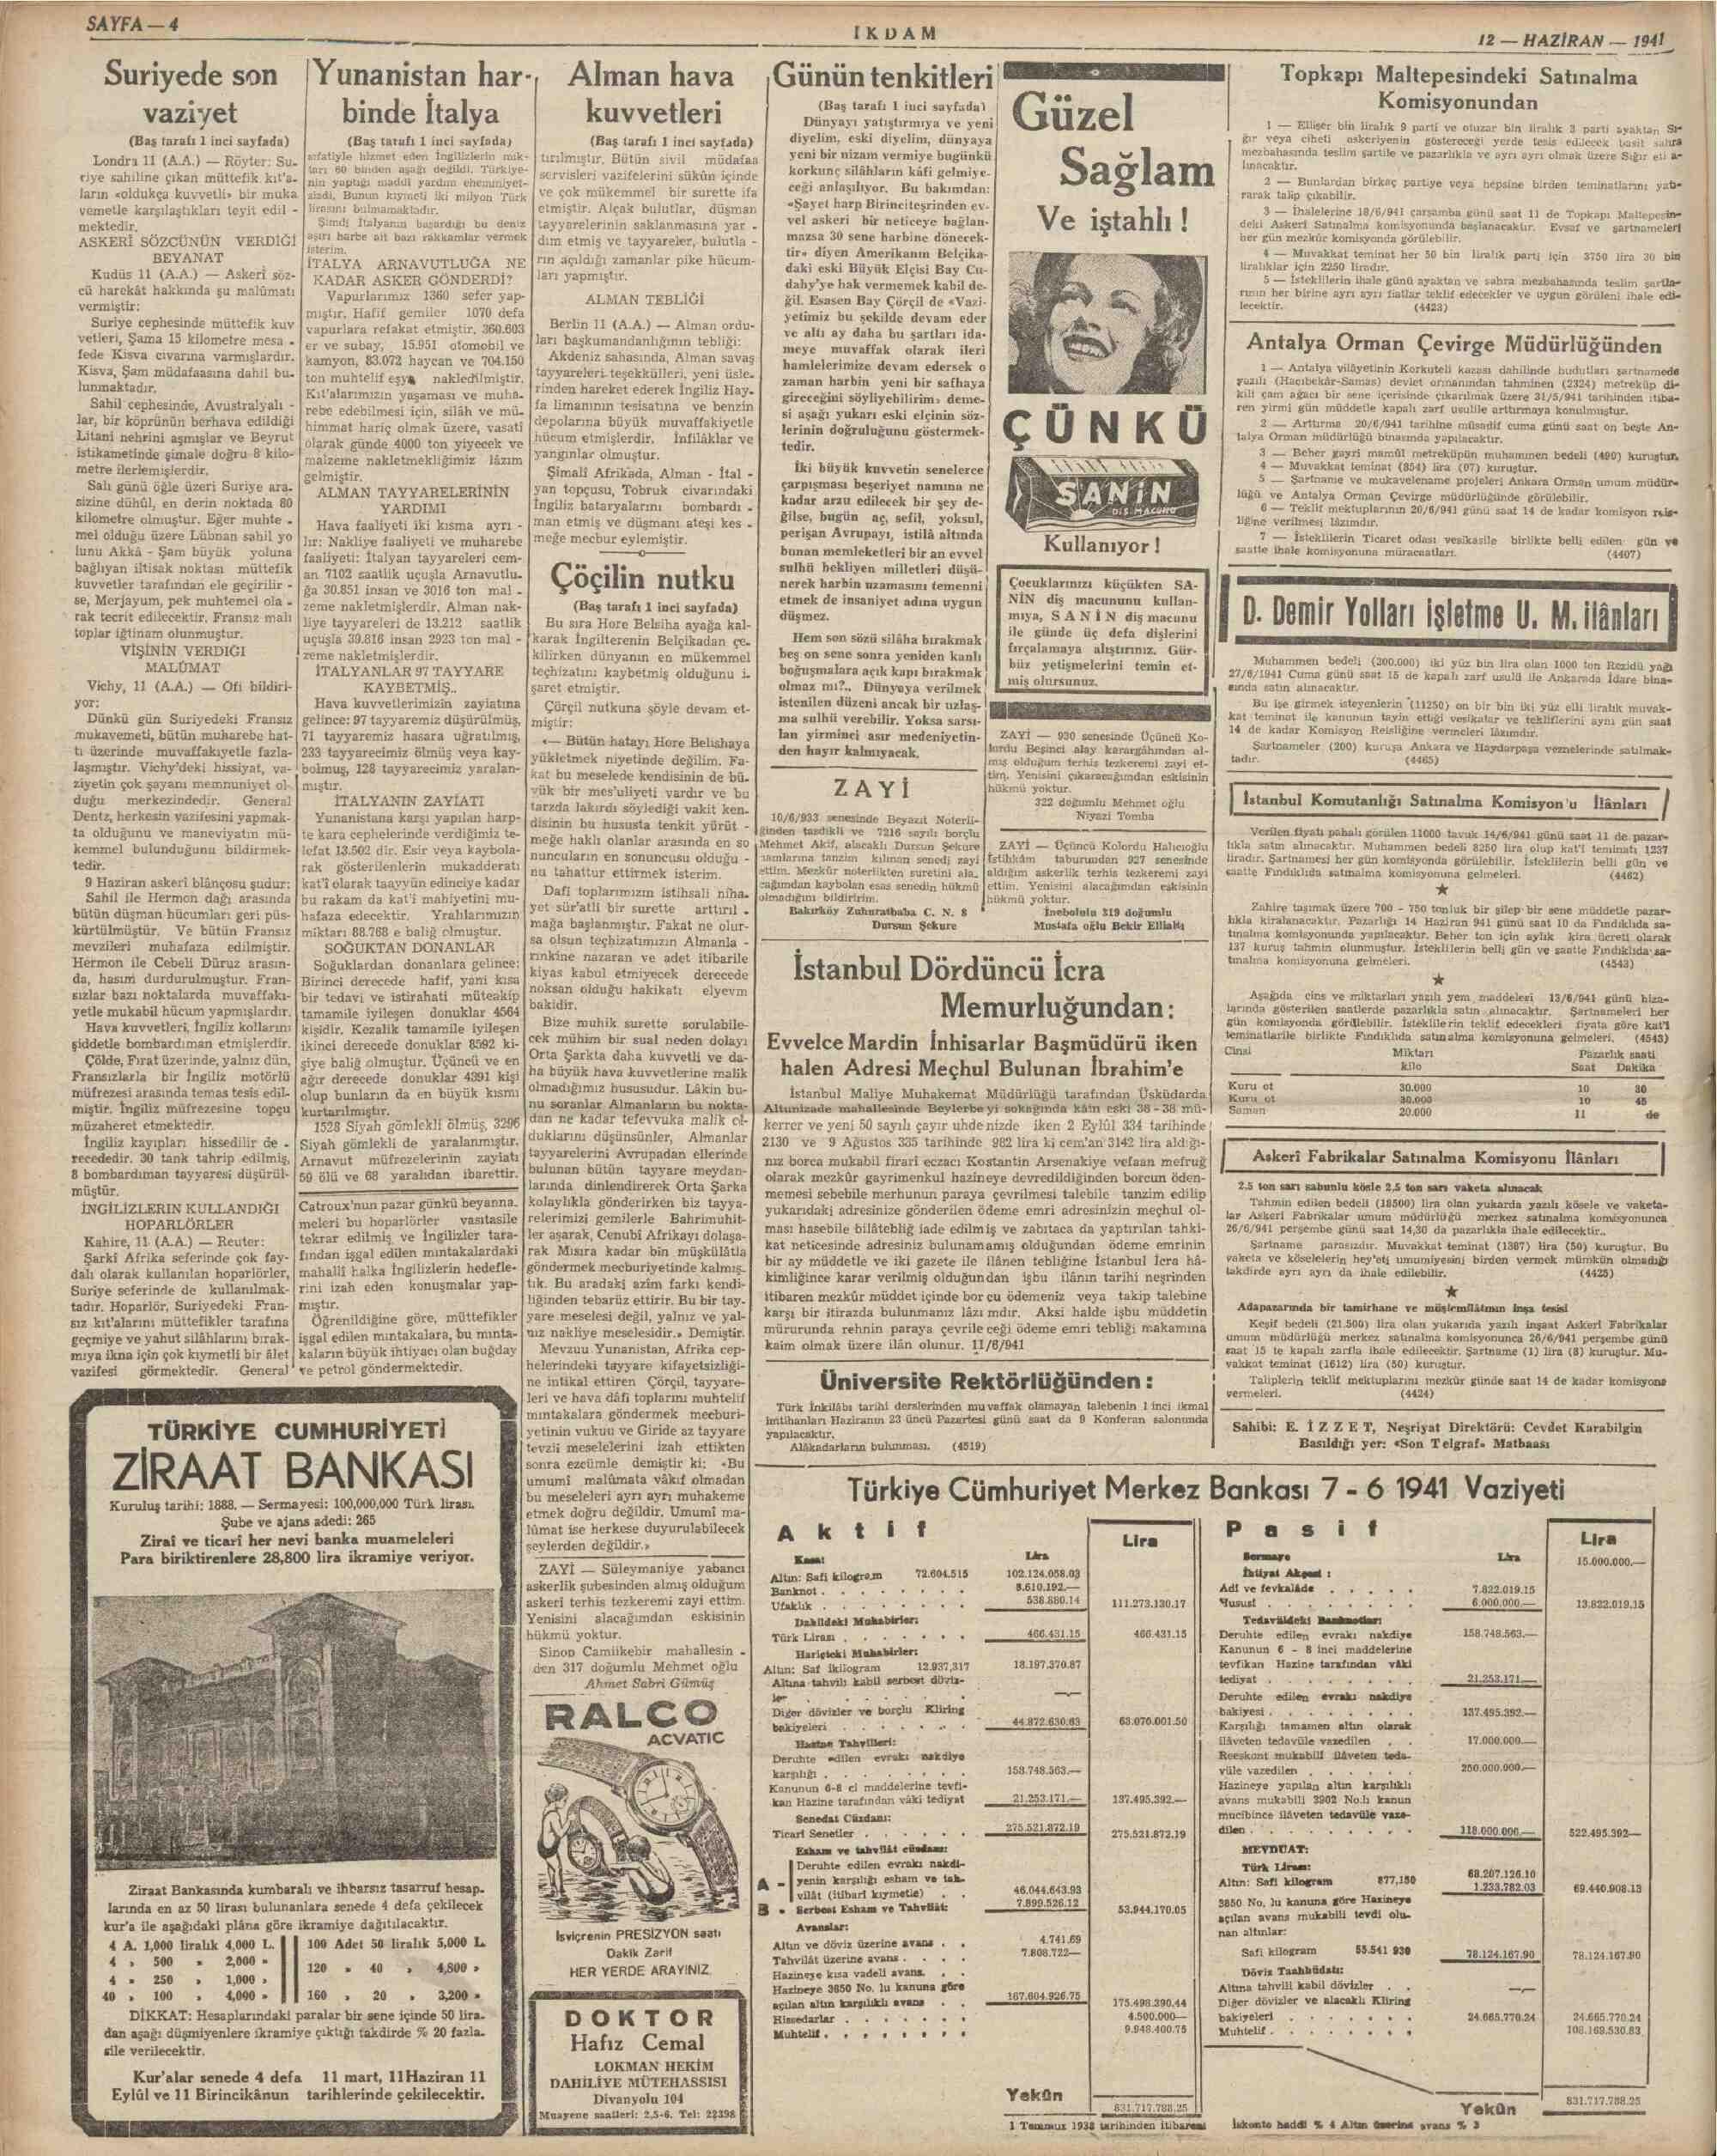 12 Haziran 1941 Tarihli İkdam (Sabah Postası) Dergisi Sayfa 4